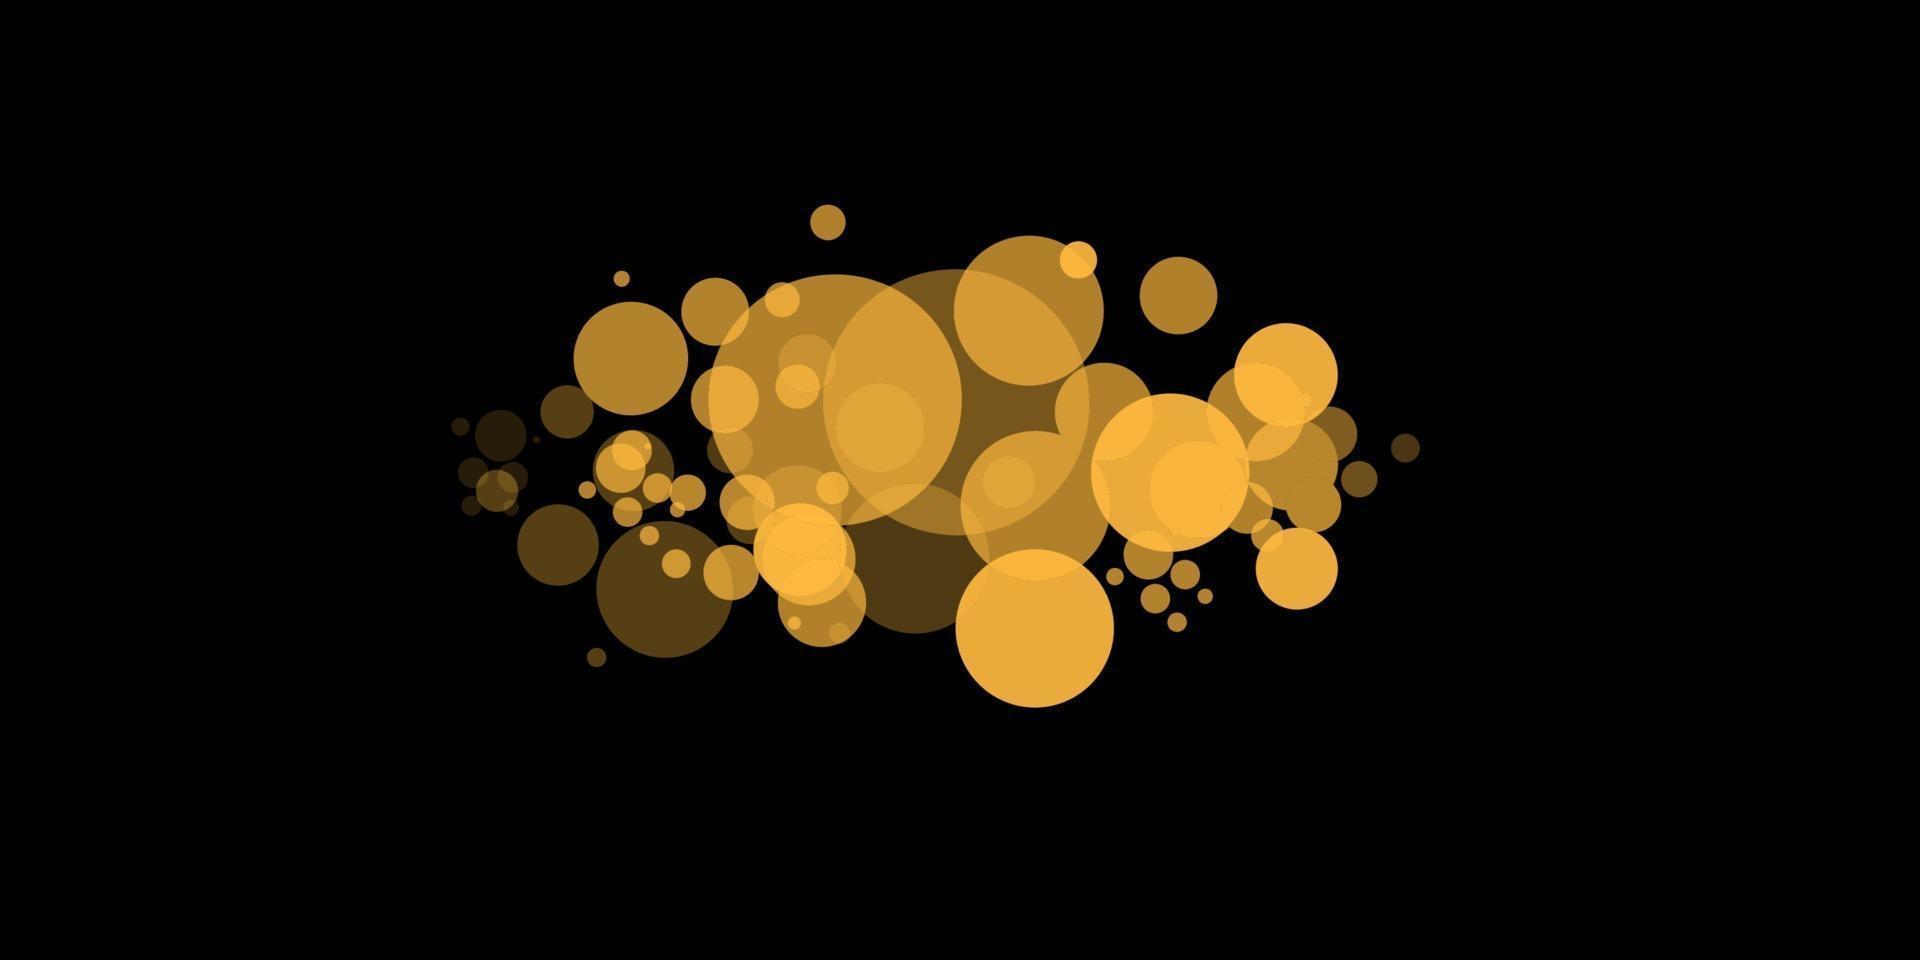 gelbes Bokeh. die Zusammenfassung des Kreislicht-Bokeh-Hintergrunds. goldene Lichter Hintergrund. Weihnachtslichtkonzept. Vektorillustration vektor